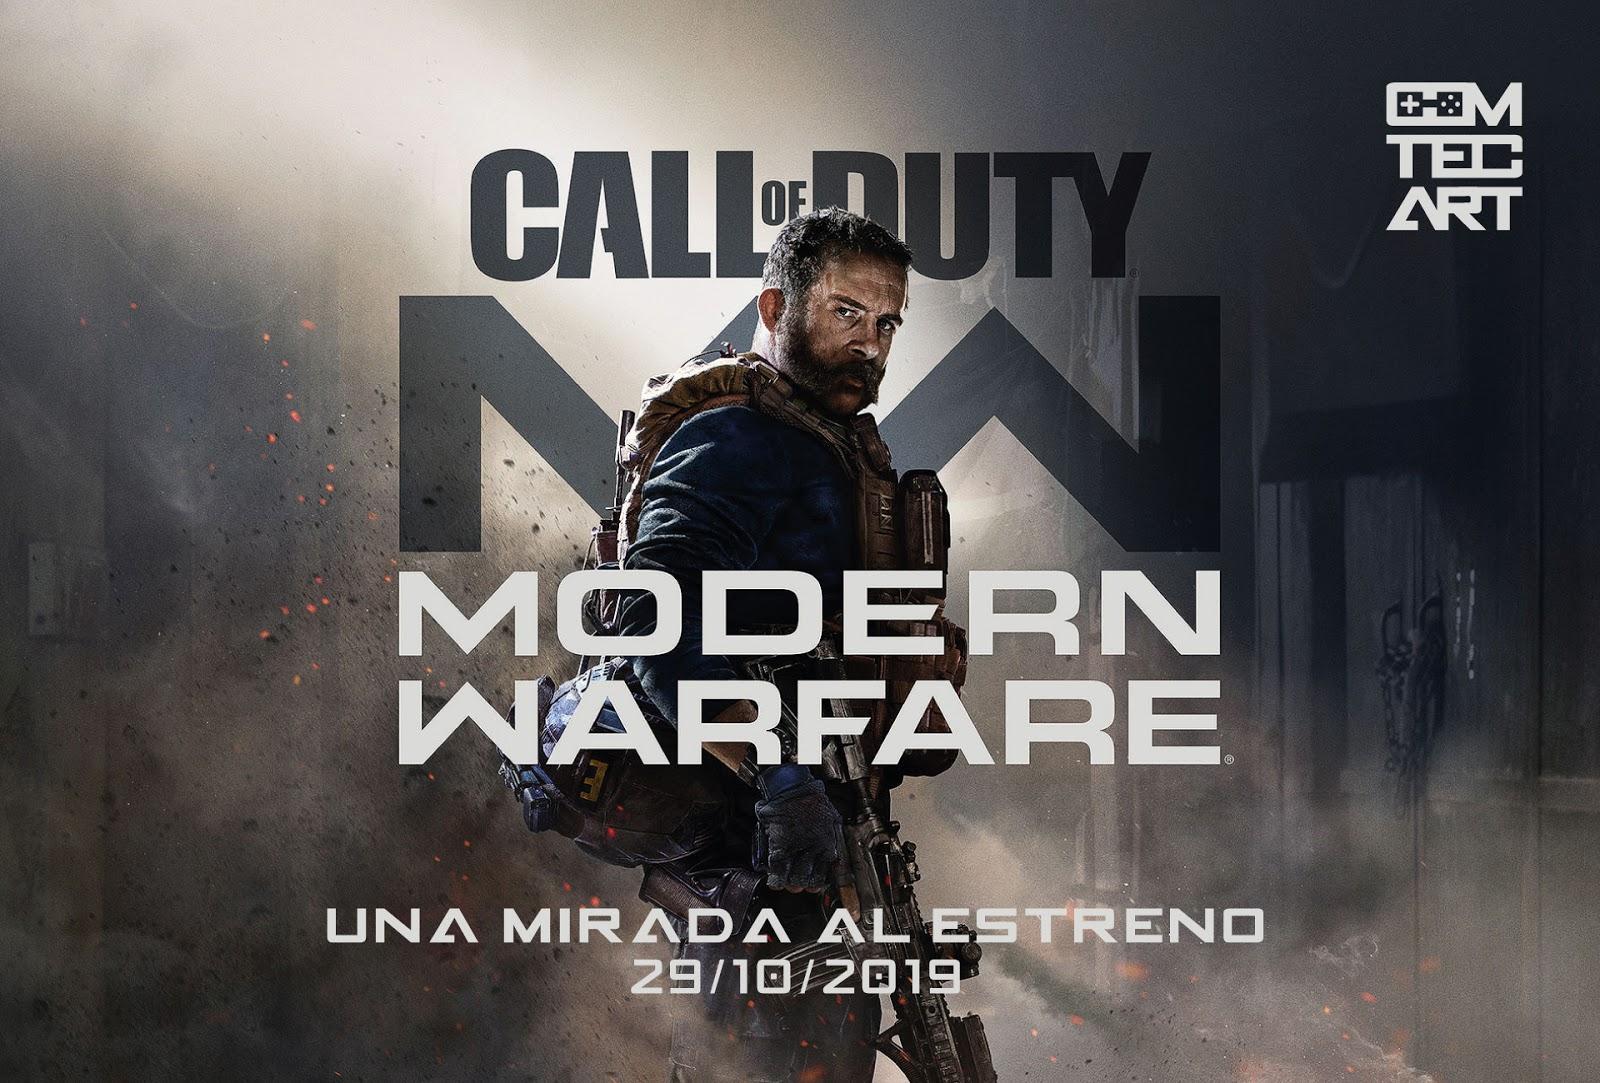 Call of Duty: Modern Warface, El renacimiento de una era